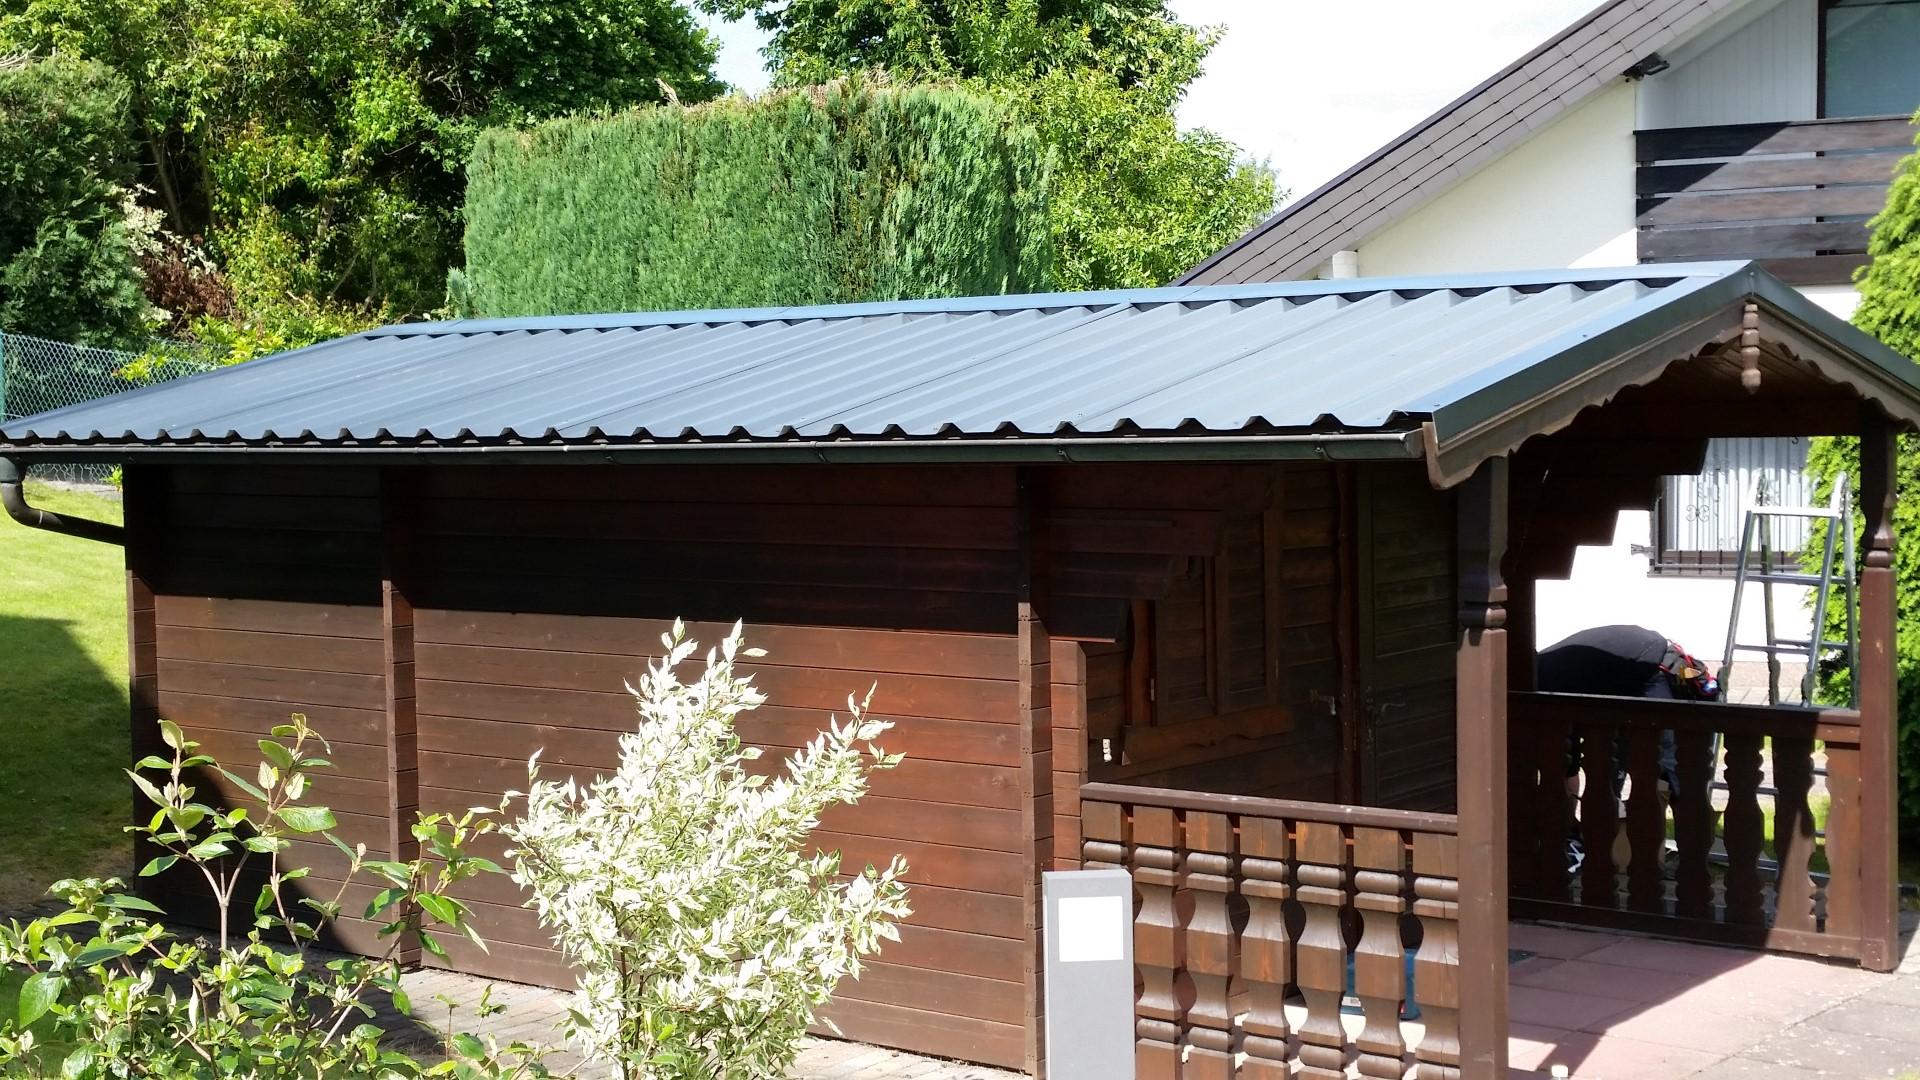 Gartenhaus-Metall-Bedachung-2